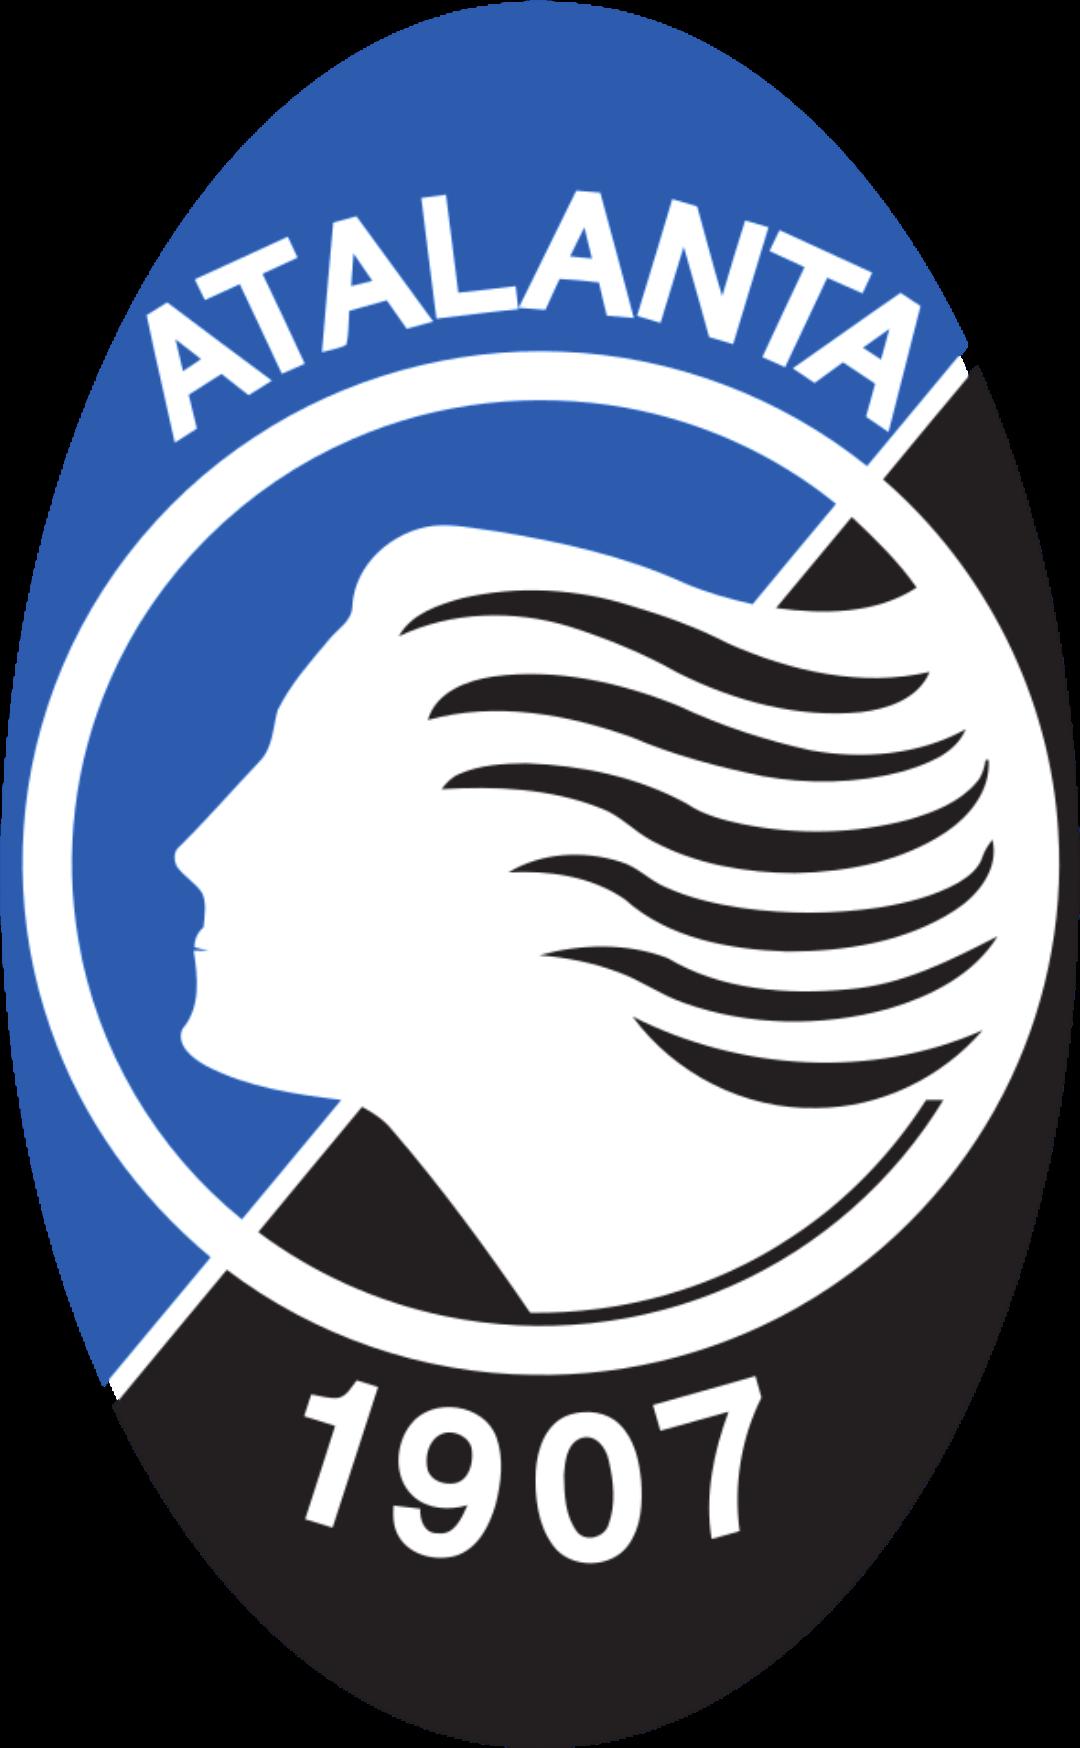 atalanta-1907